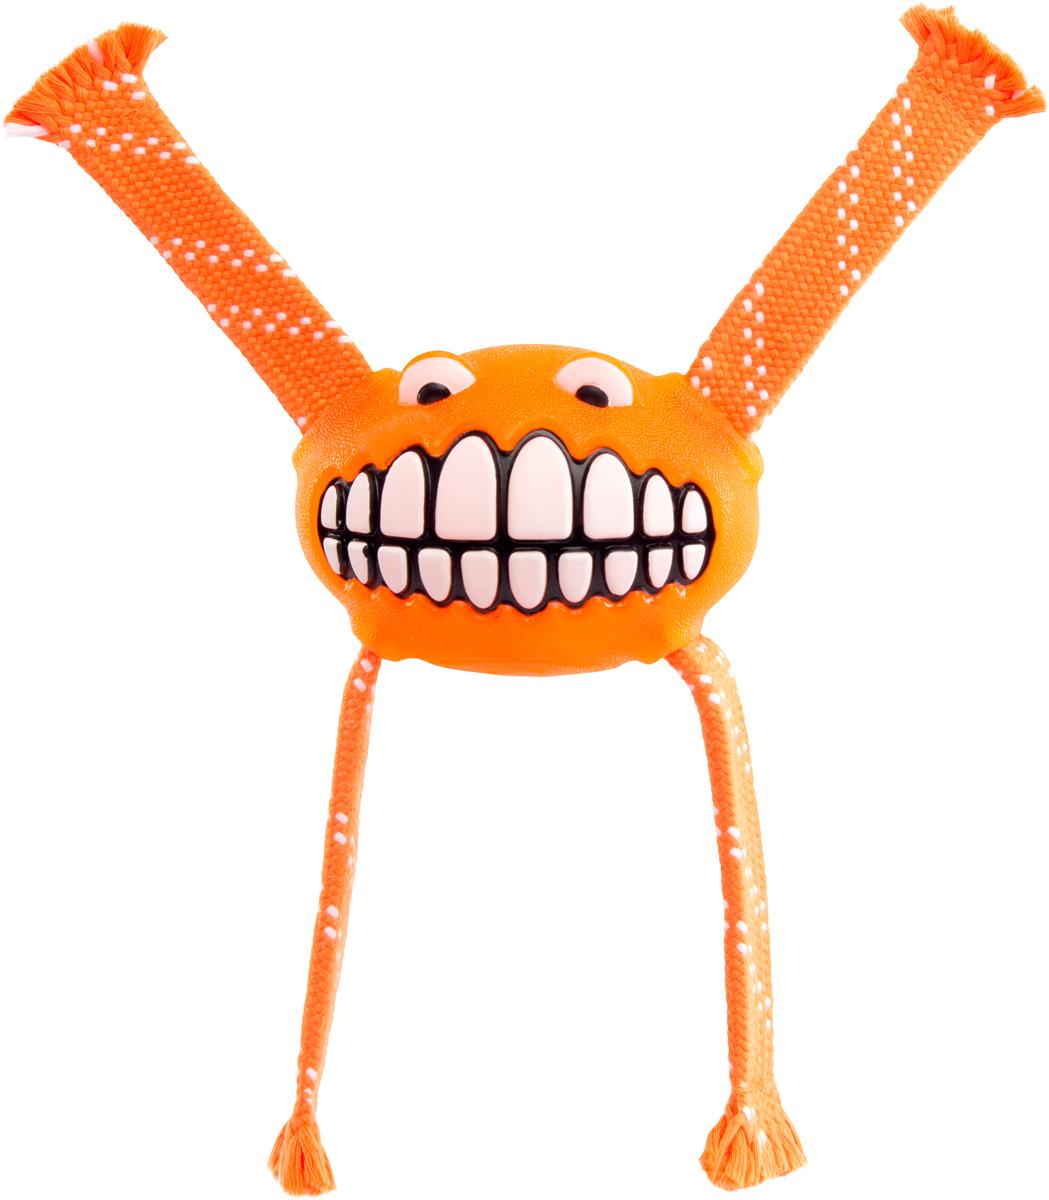 Игрушка для собак Rogz Flossy Grinz. Зубы, цвет: оранжевый, длина 24 смFGR05DИгрушка для собак Rogz Flossy Grinz. Зубы типа Отними - очень прочная и крепкая.Внутри – пищалка, что поддерживает интерес животного к игре.Уникальная функция игрушки - чистит язык и зубы.